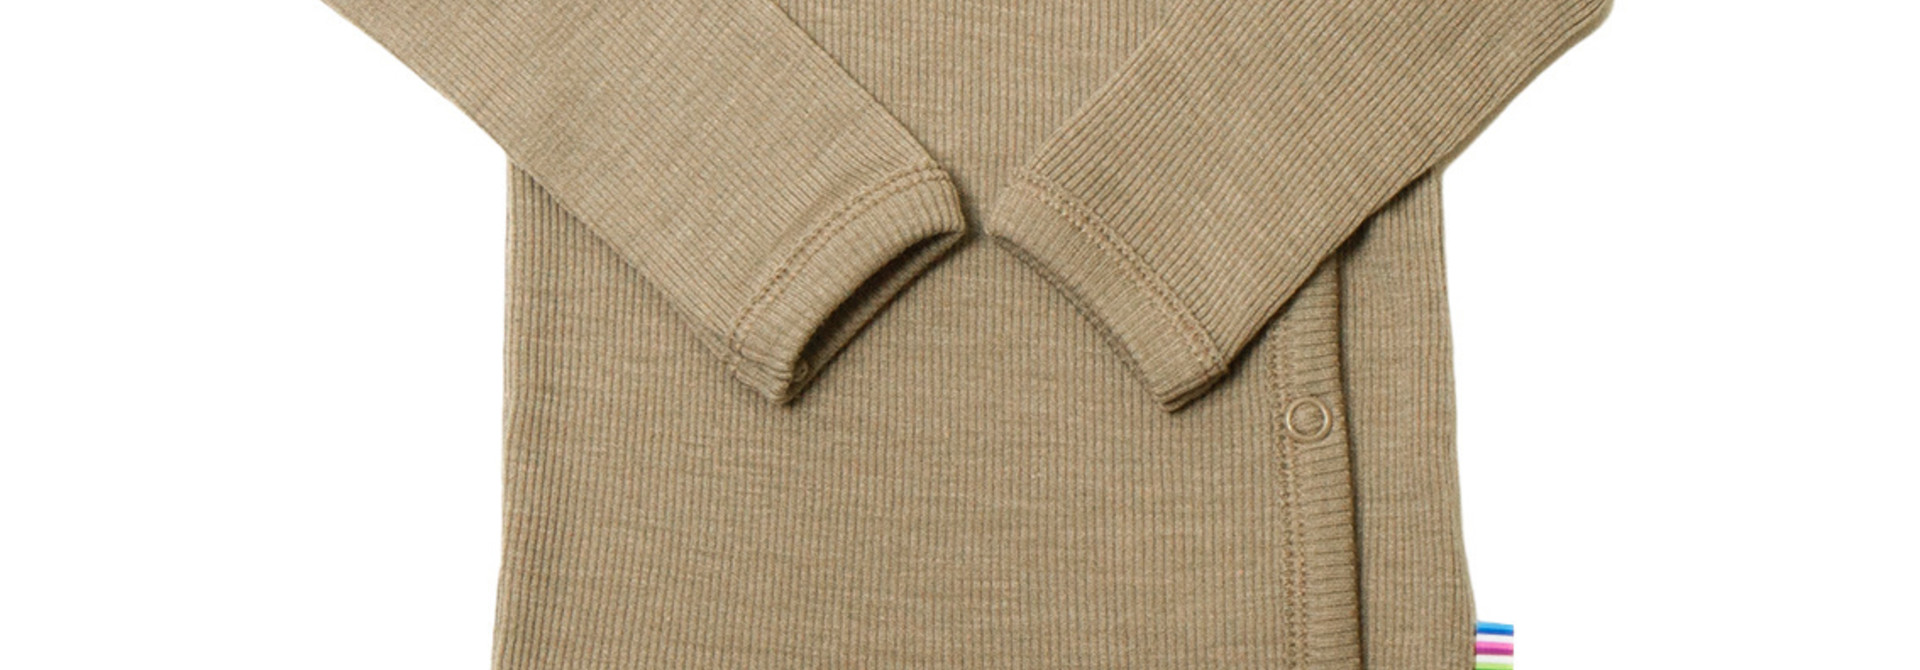 Romper overslag lange mouwen - wol-zijde - Beige